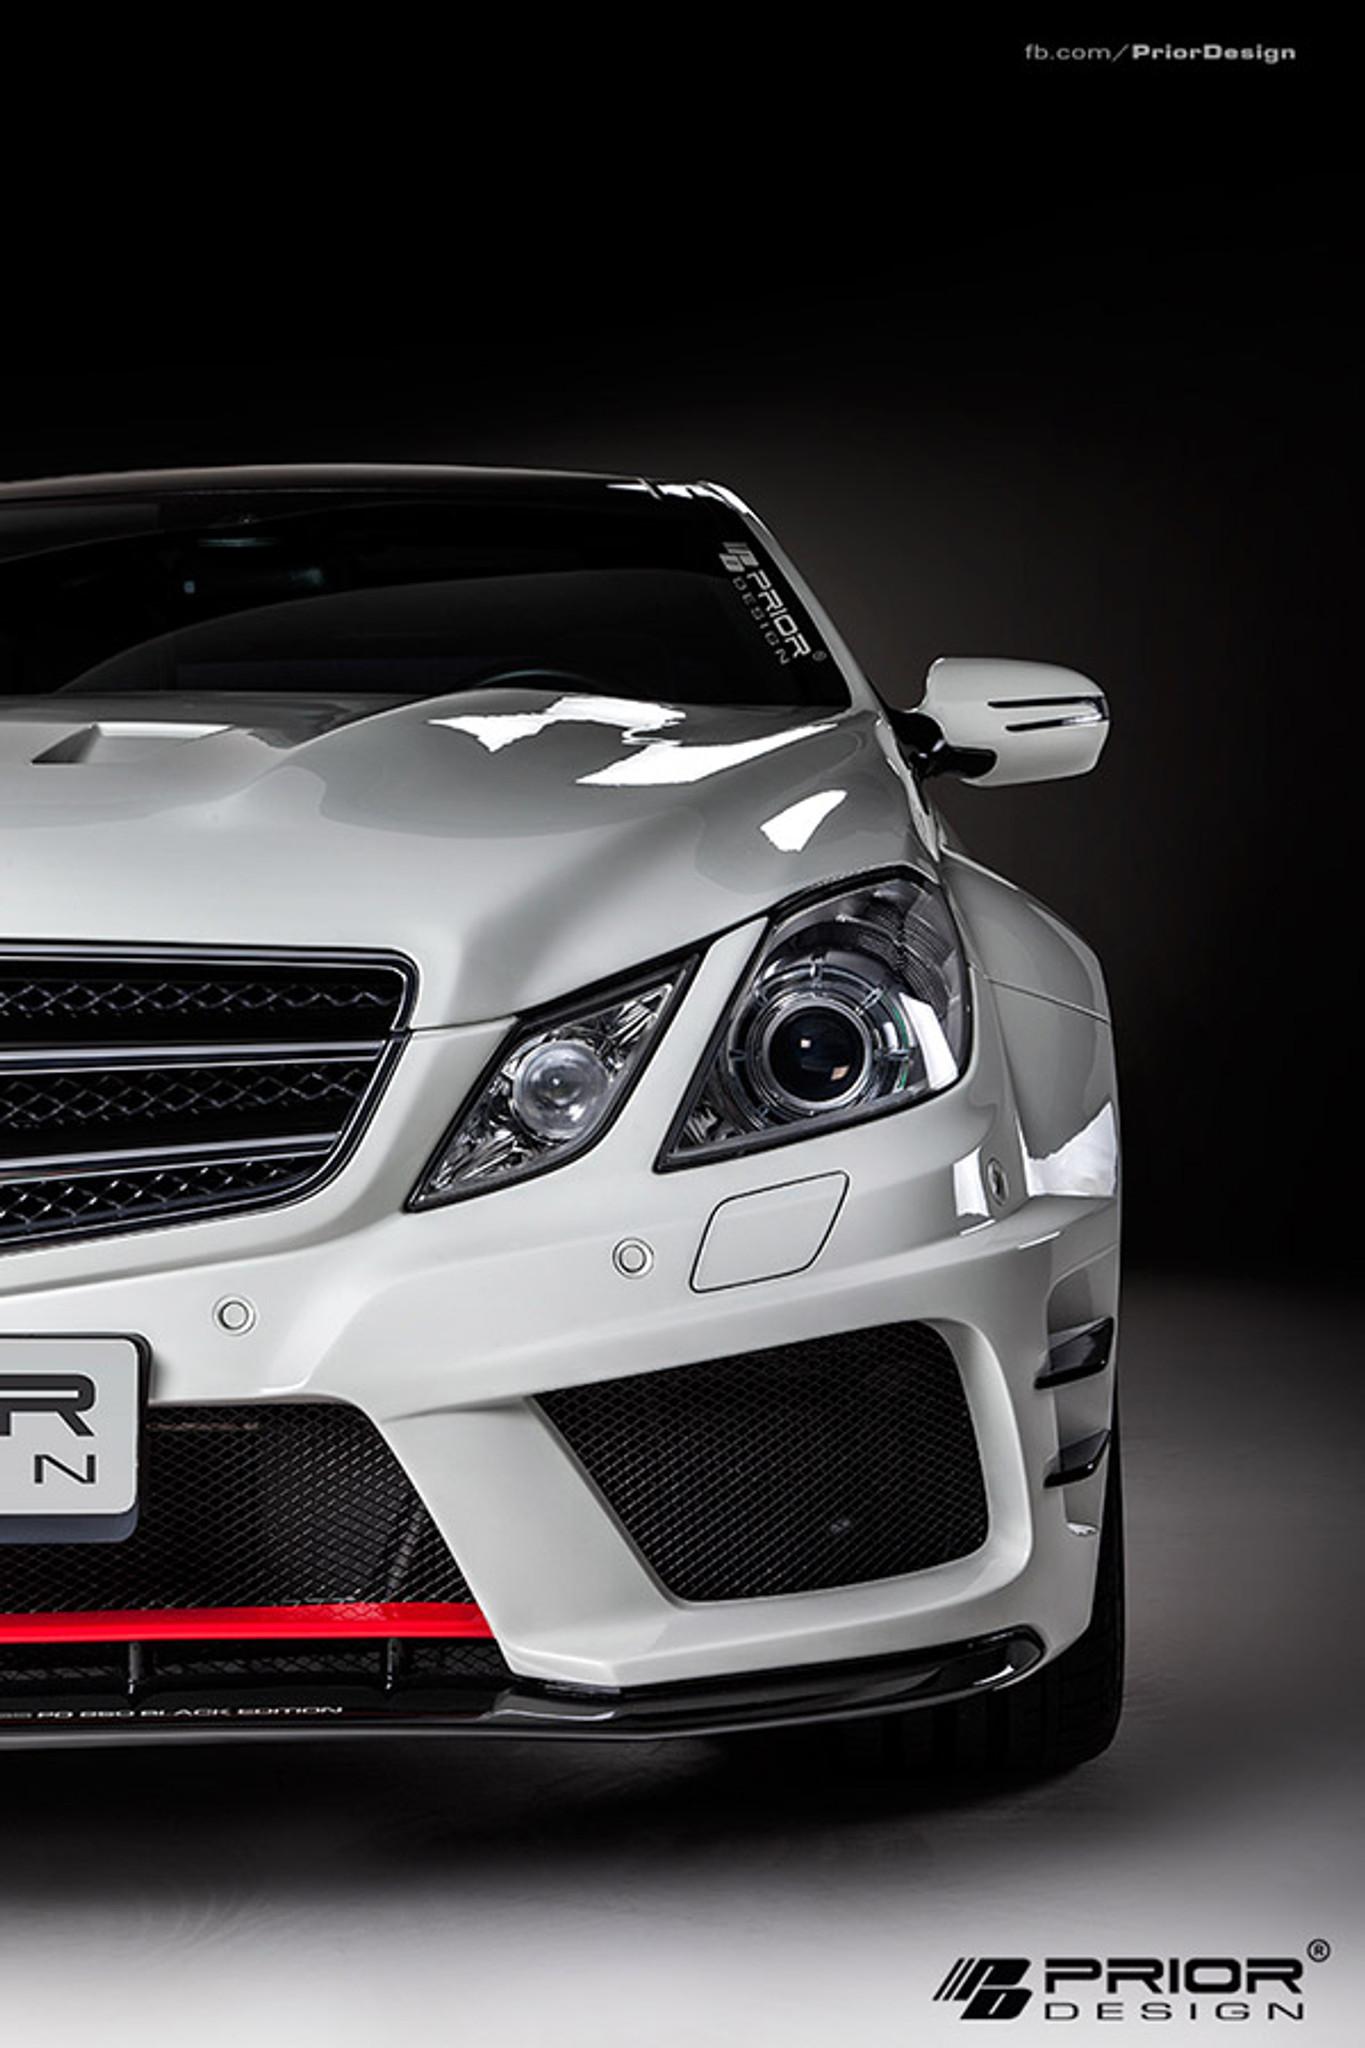 Mercedes E Class Coupe C207 Black Edition Prior Design